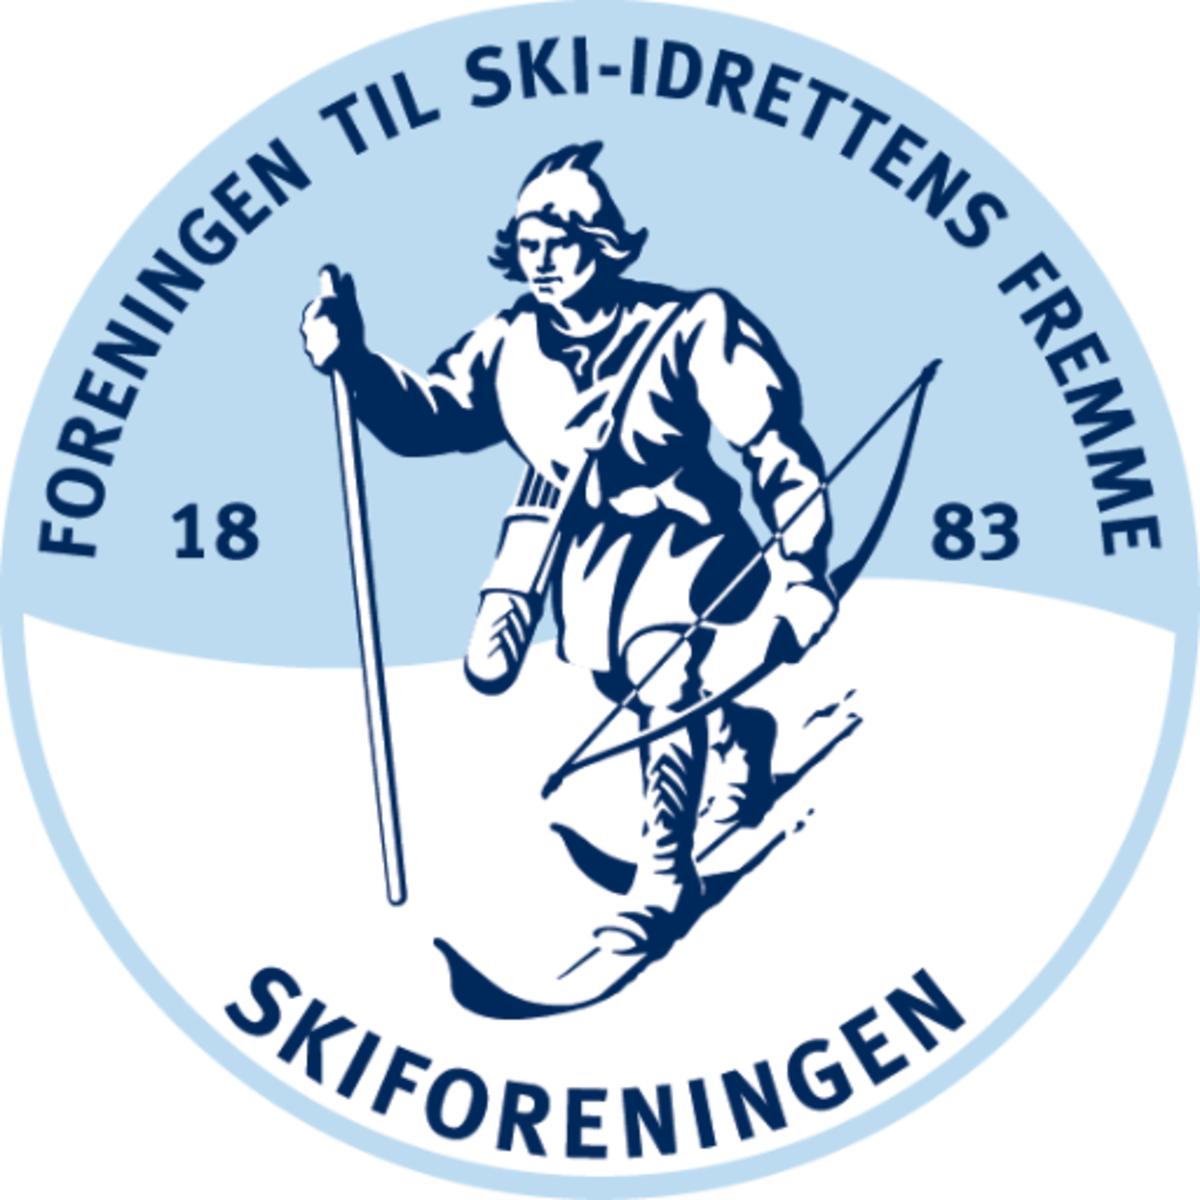 Profilbilde for Skiforeningen